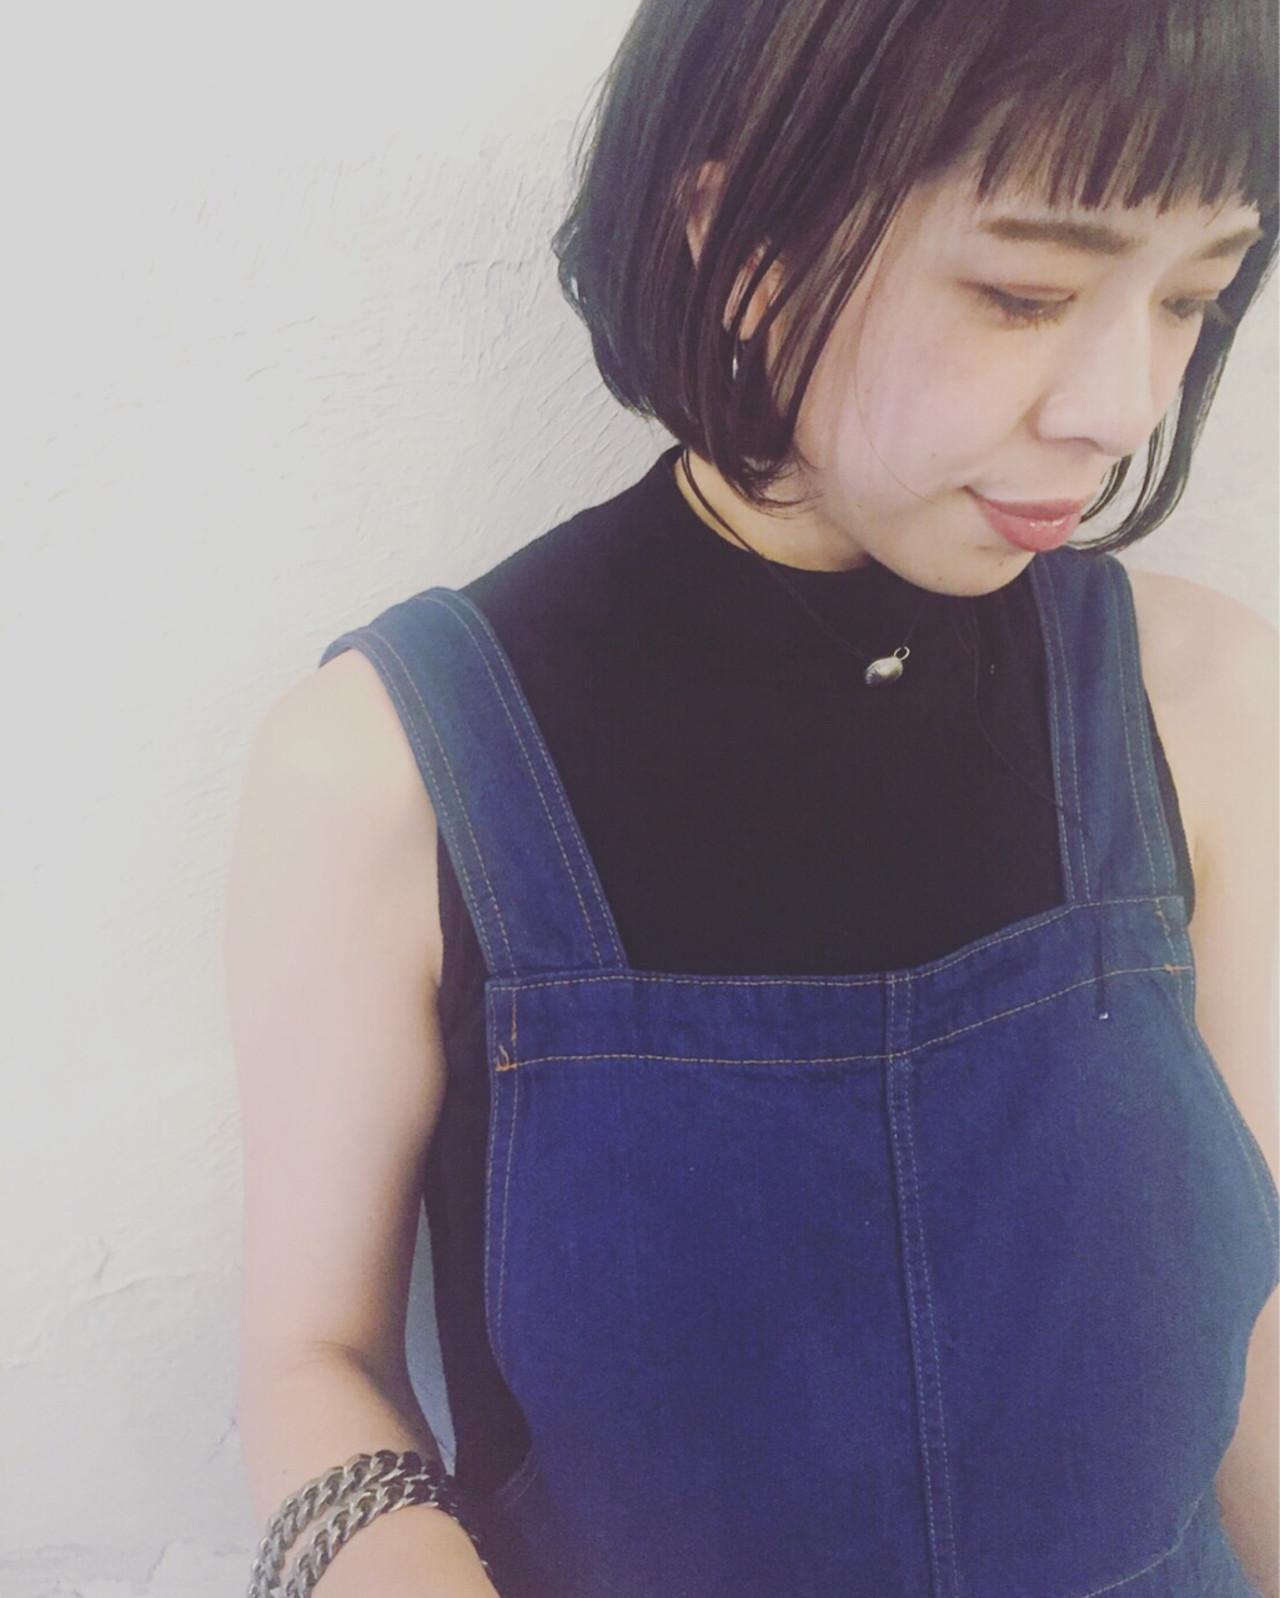 ボブ ガーリー 黒髪 暗髪 ヘアスタイルや髪型の写真・画像 | miki takami / Henri